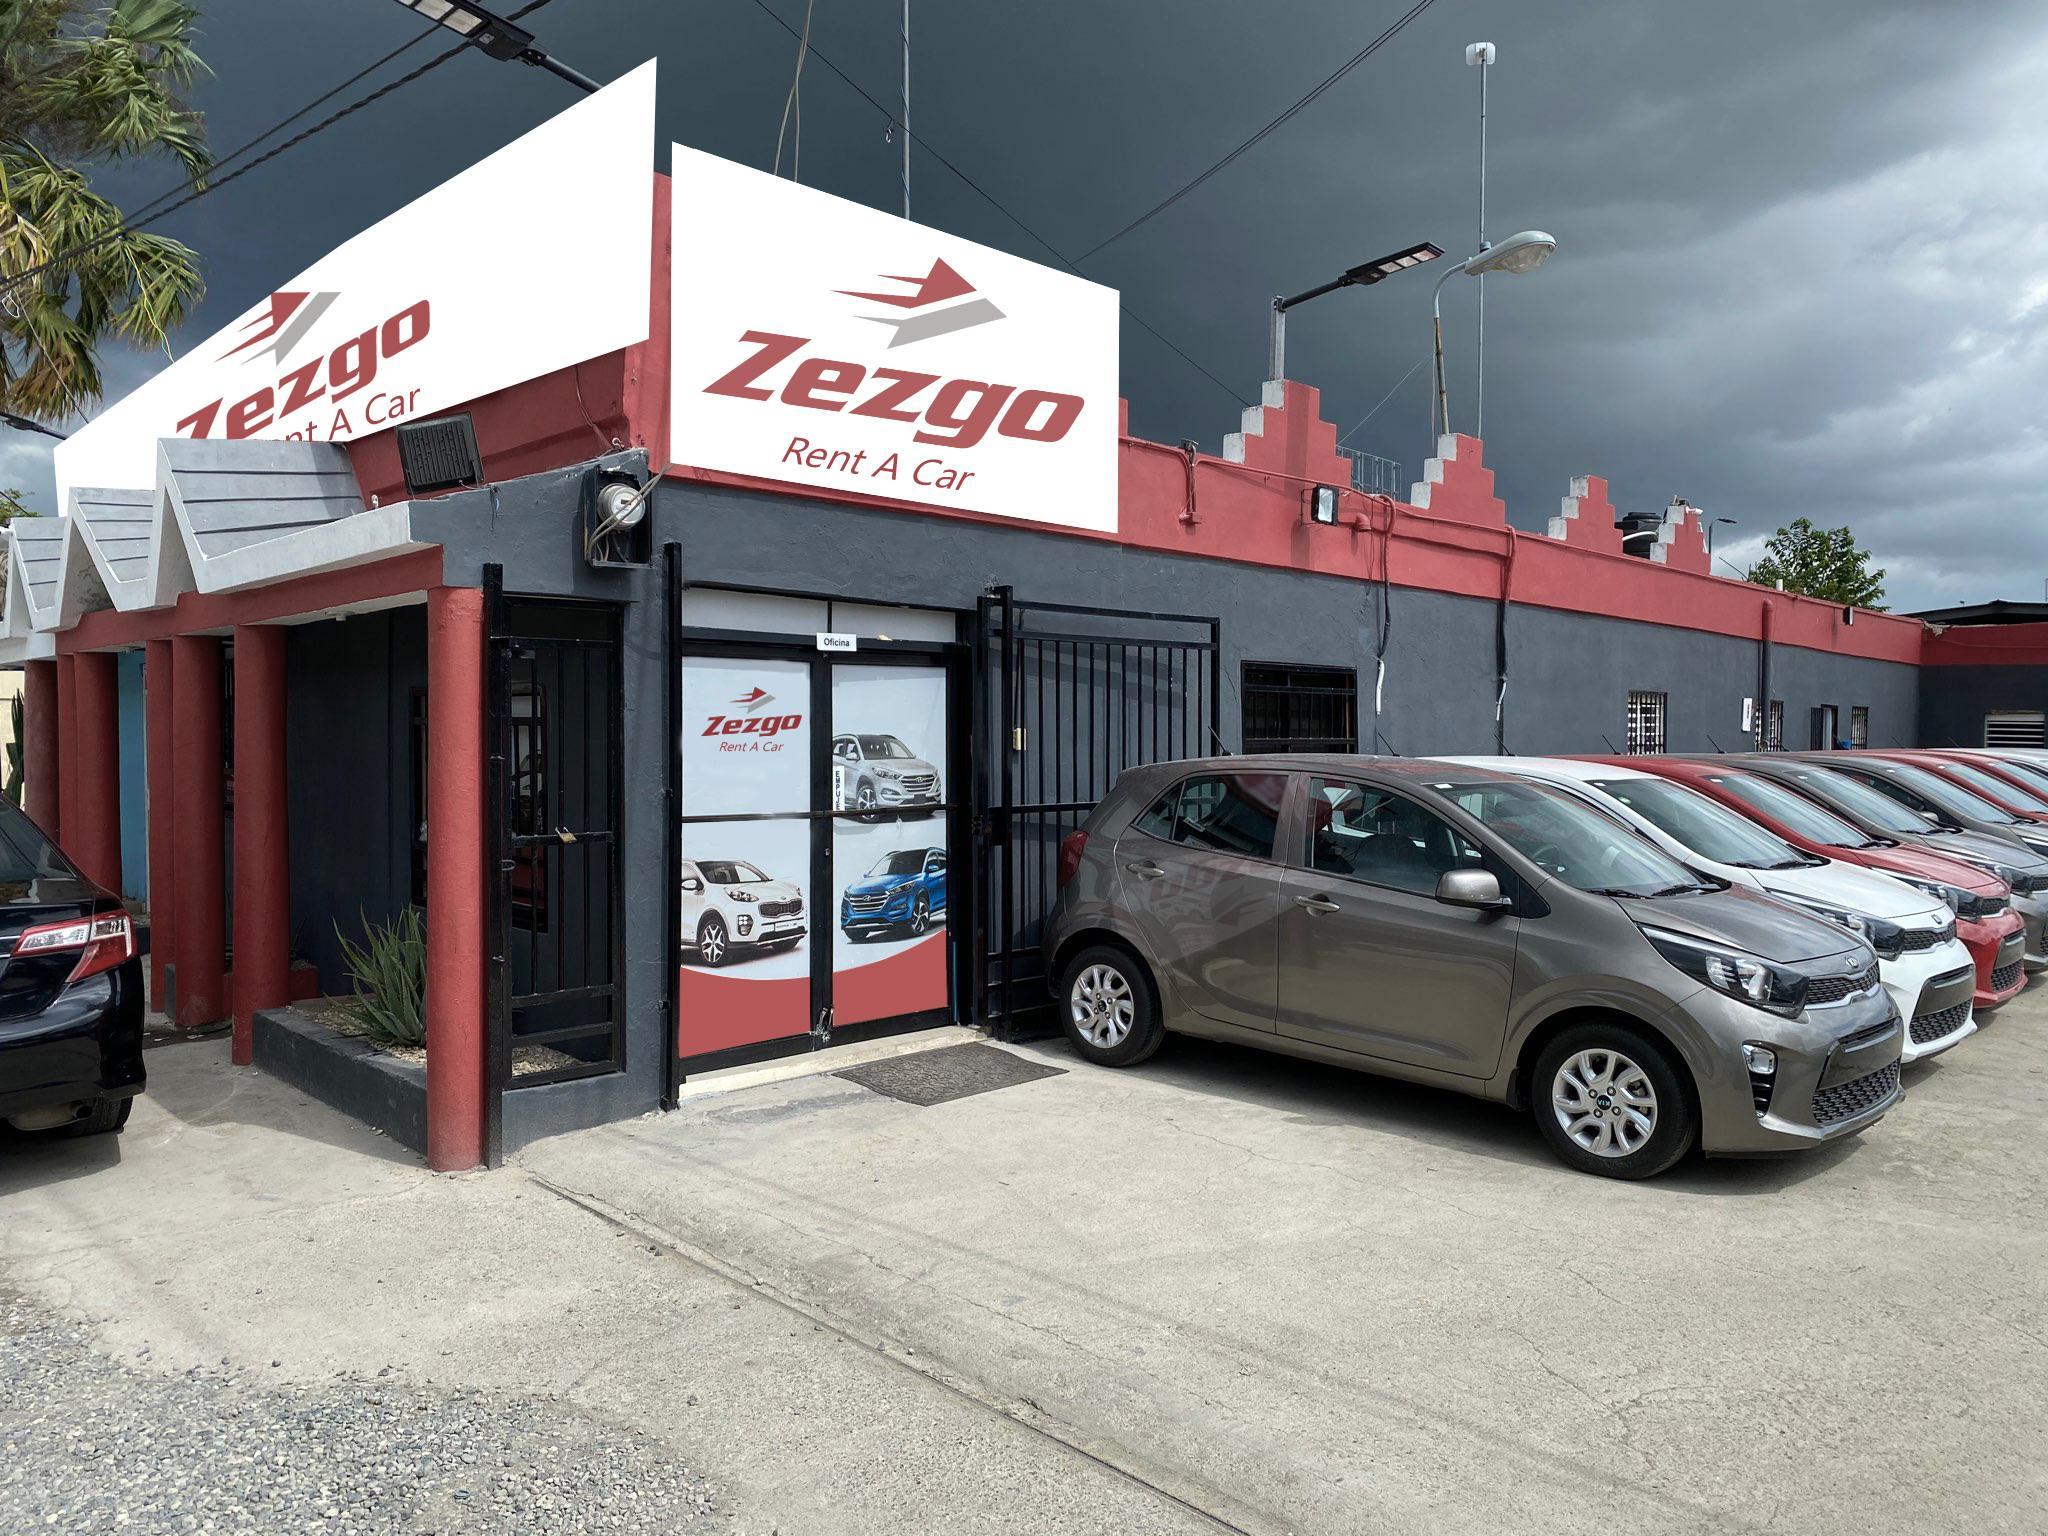 Zezgo Rent A Car Dominican Republic